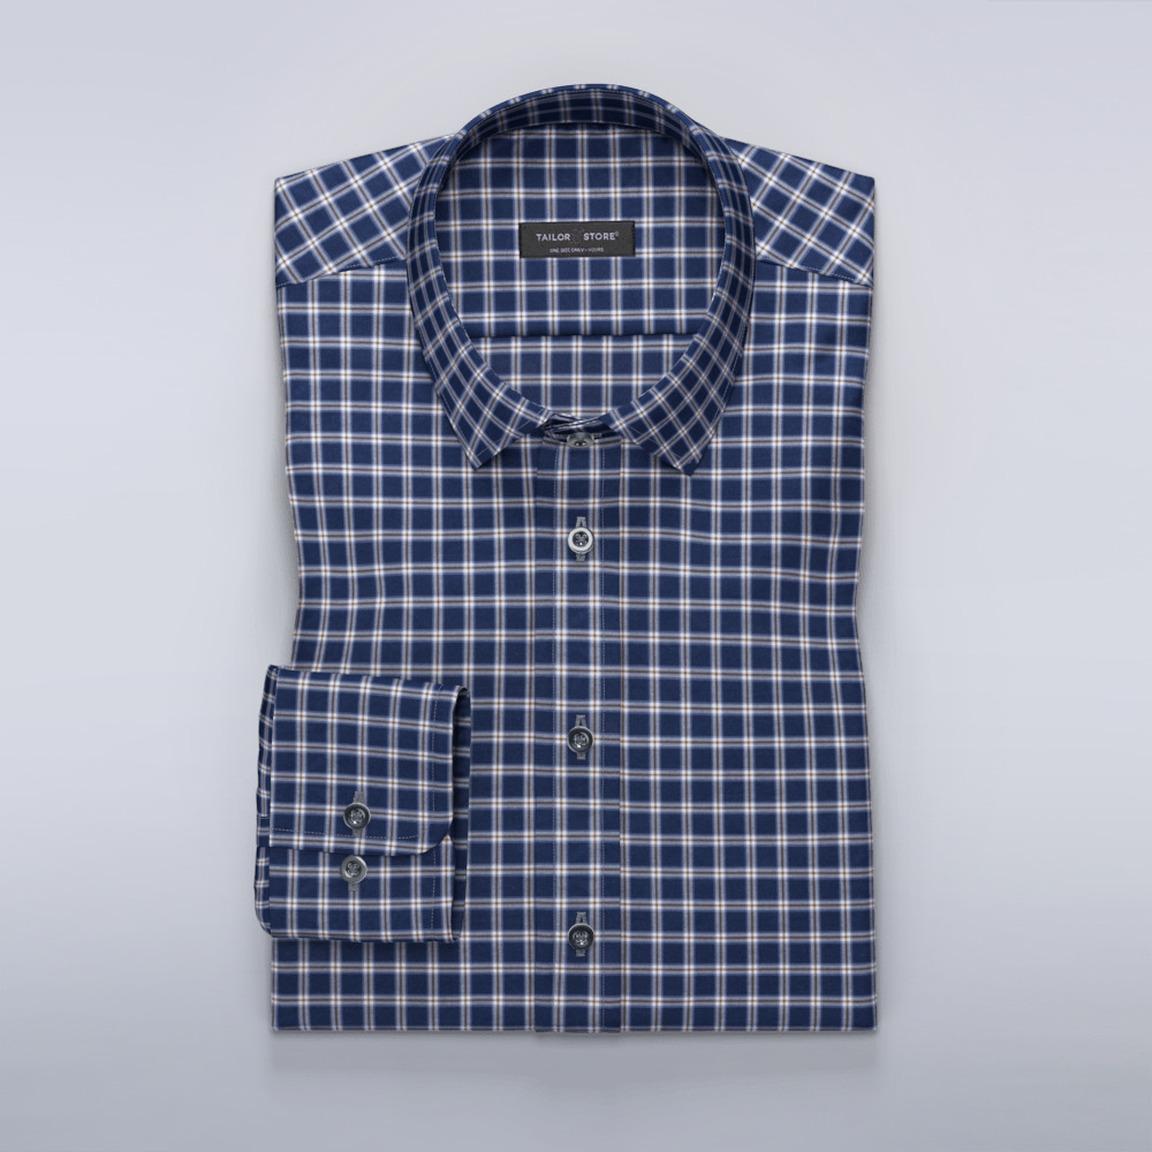 Rutig skjorta i navy/brunt